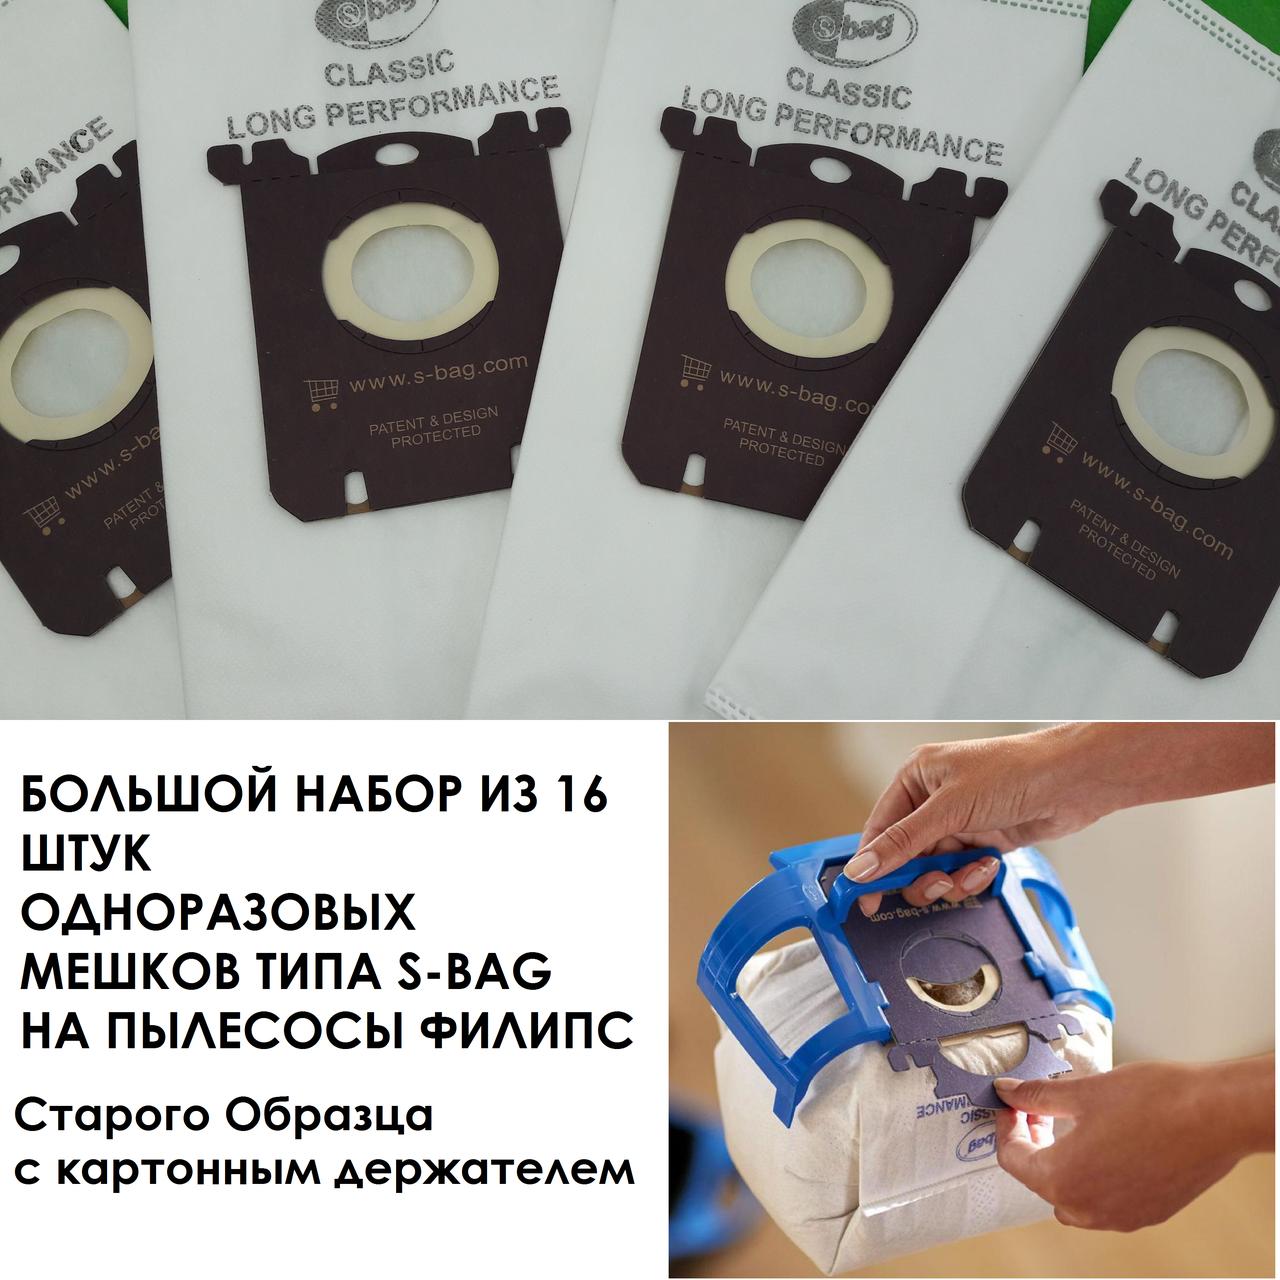 16 штук в наборе одноразовые мешки для пылесоса philips s-bag. Мешок пылесборник philips fc8021 03